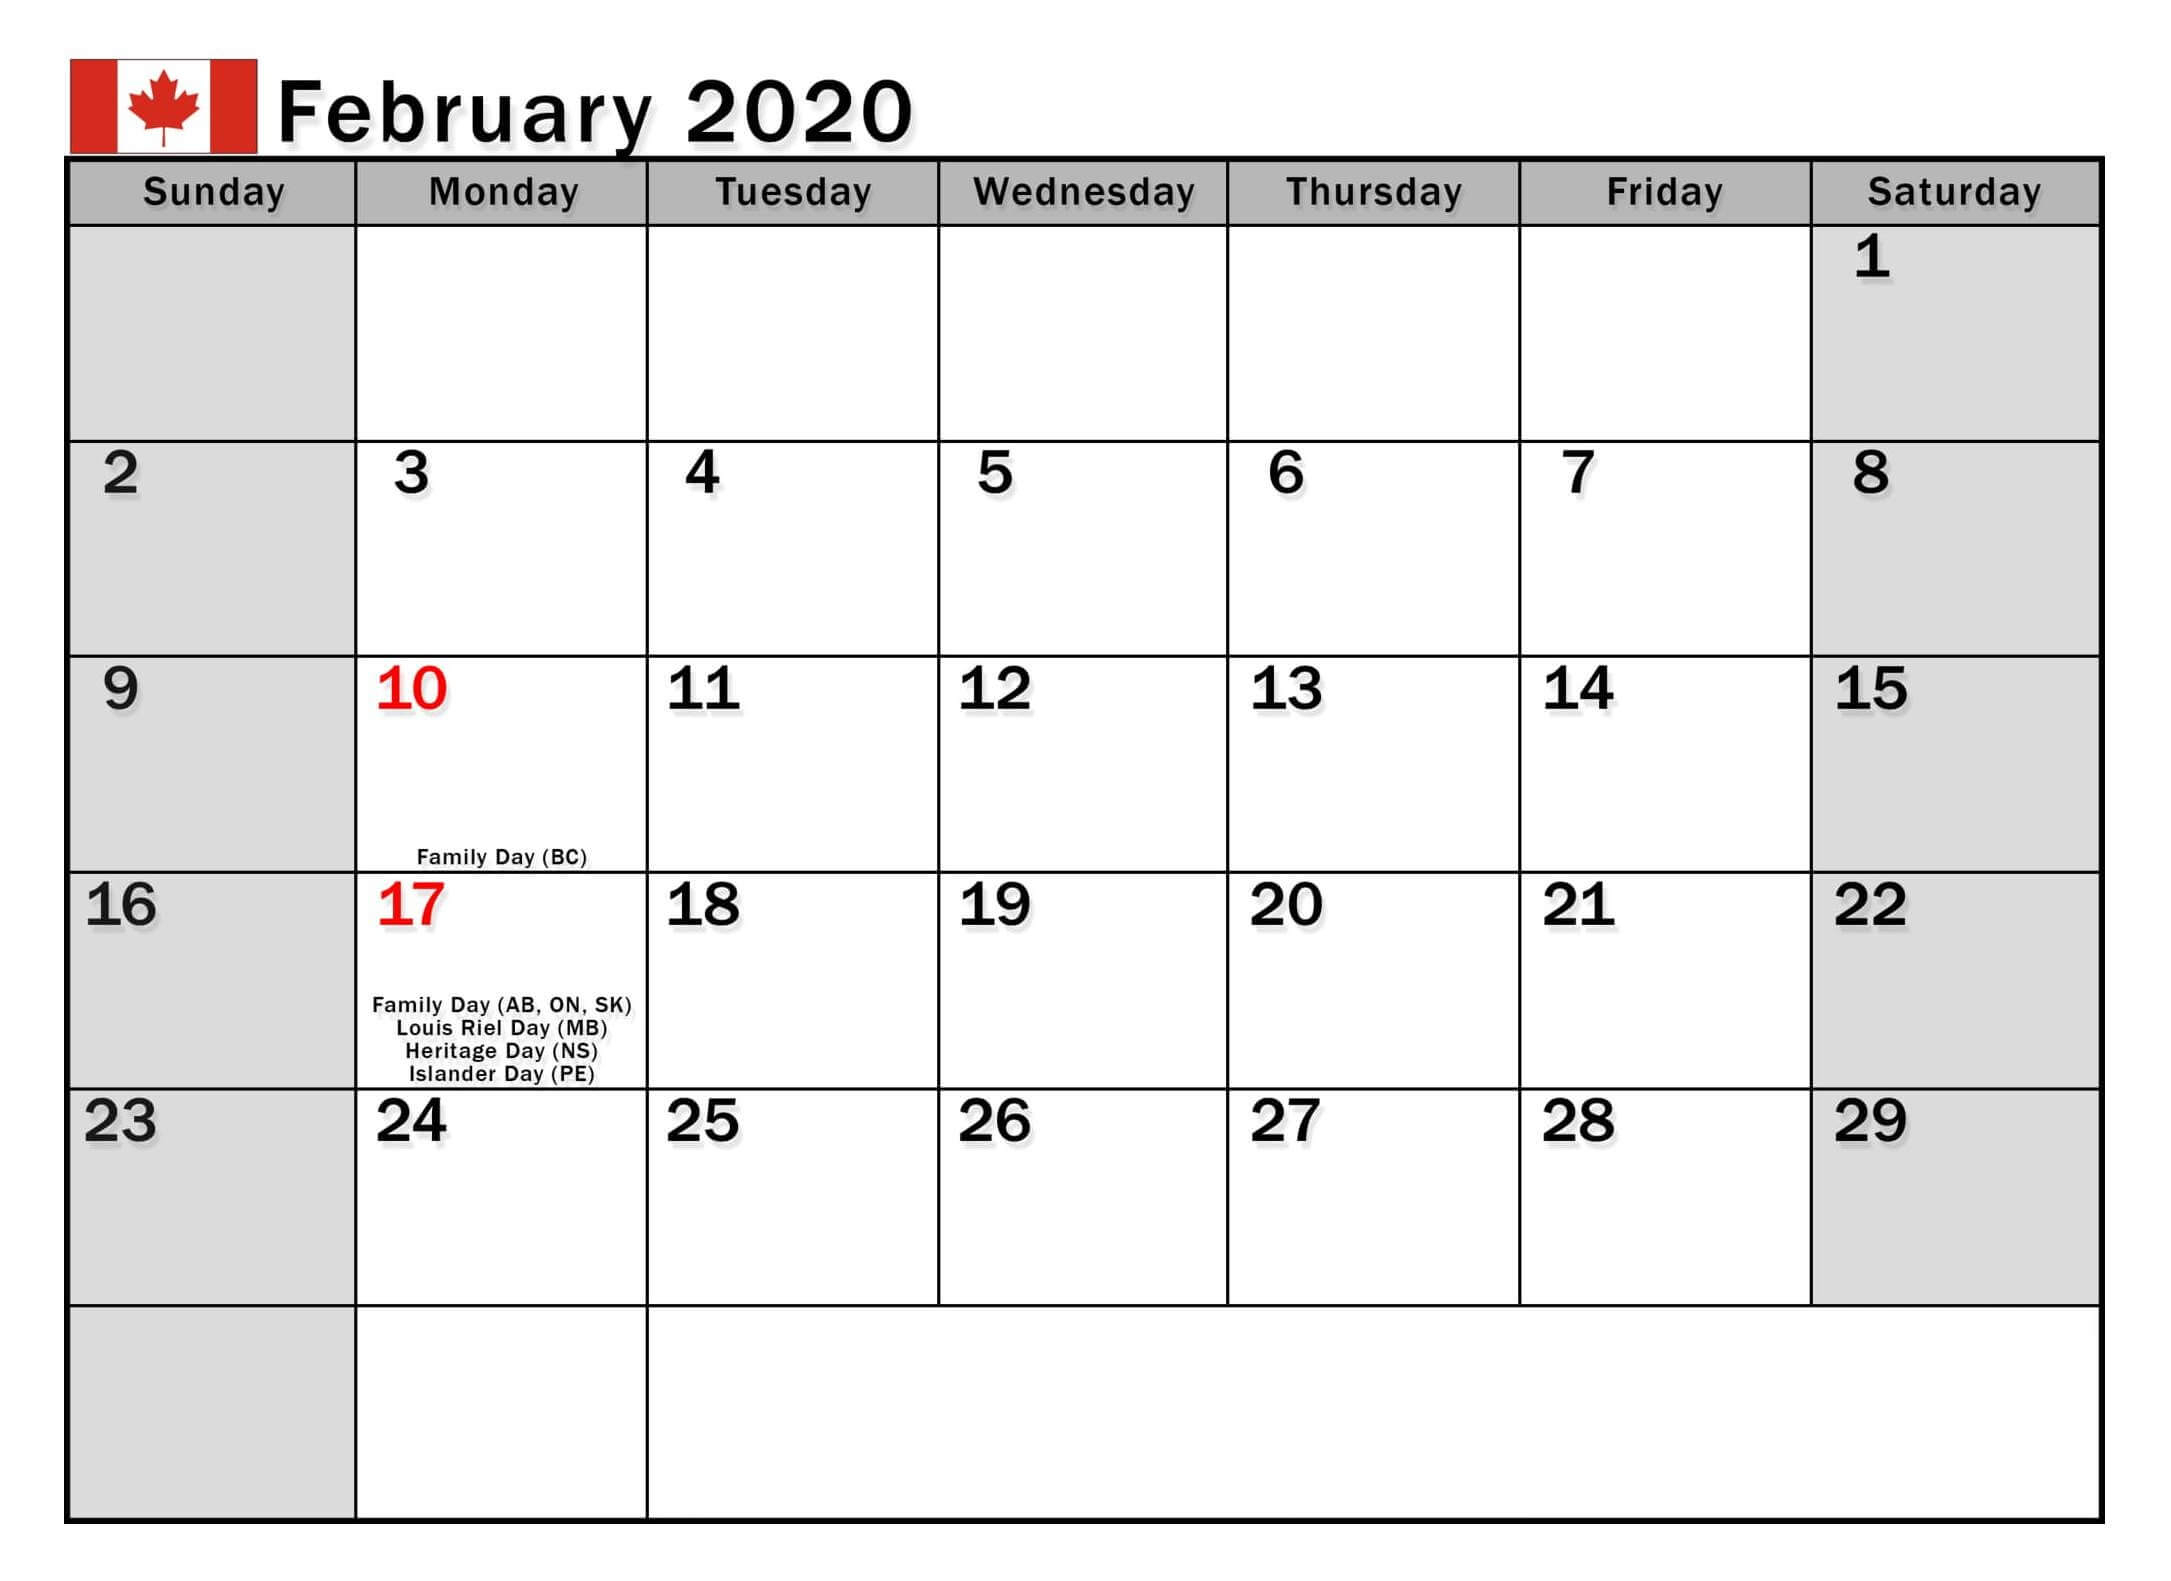 February 2020 Calendar Canada Bank Holidays - 2019 Calendars